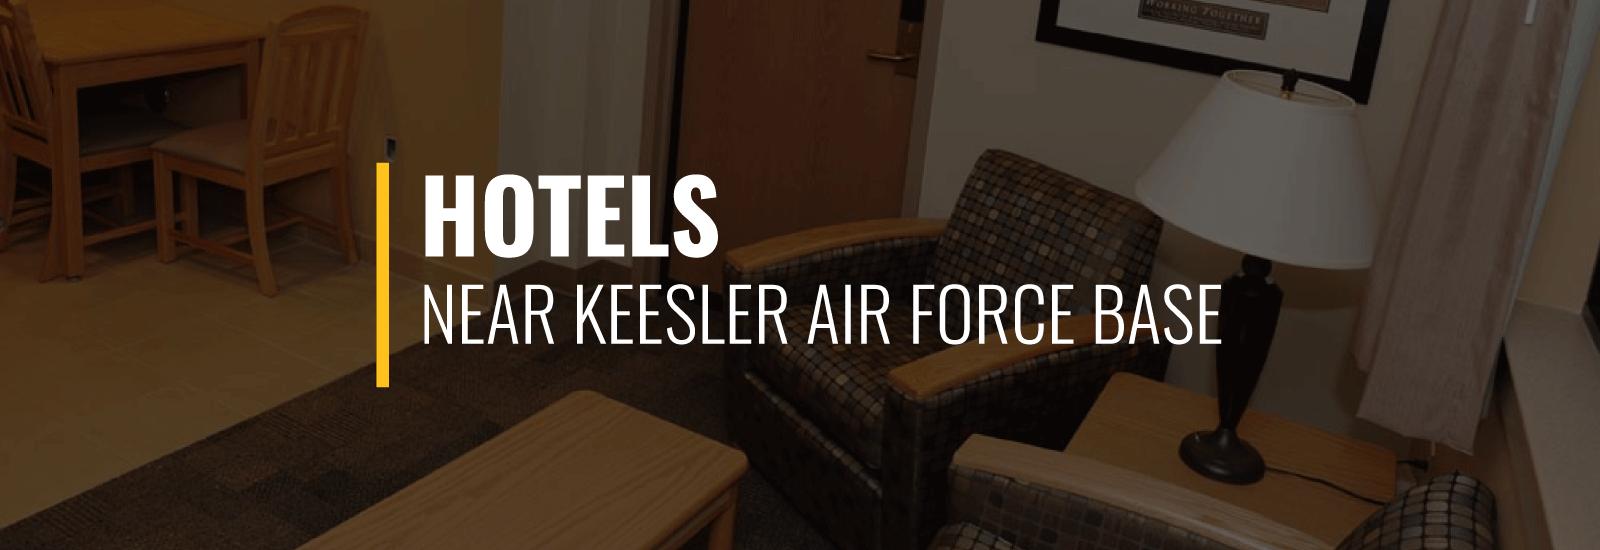 Keesler AFB Hotels